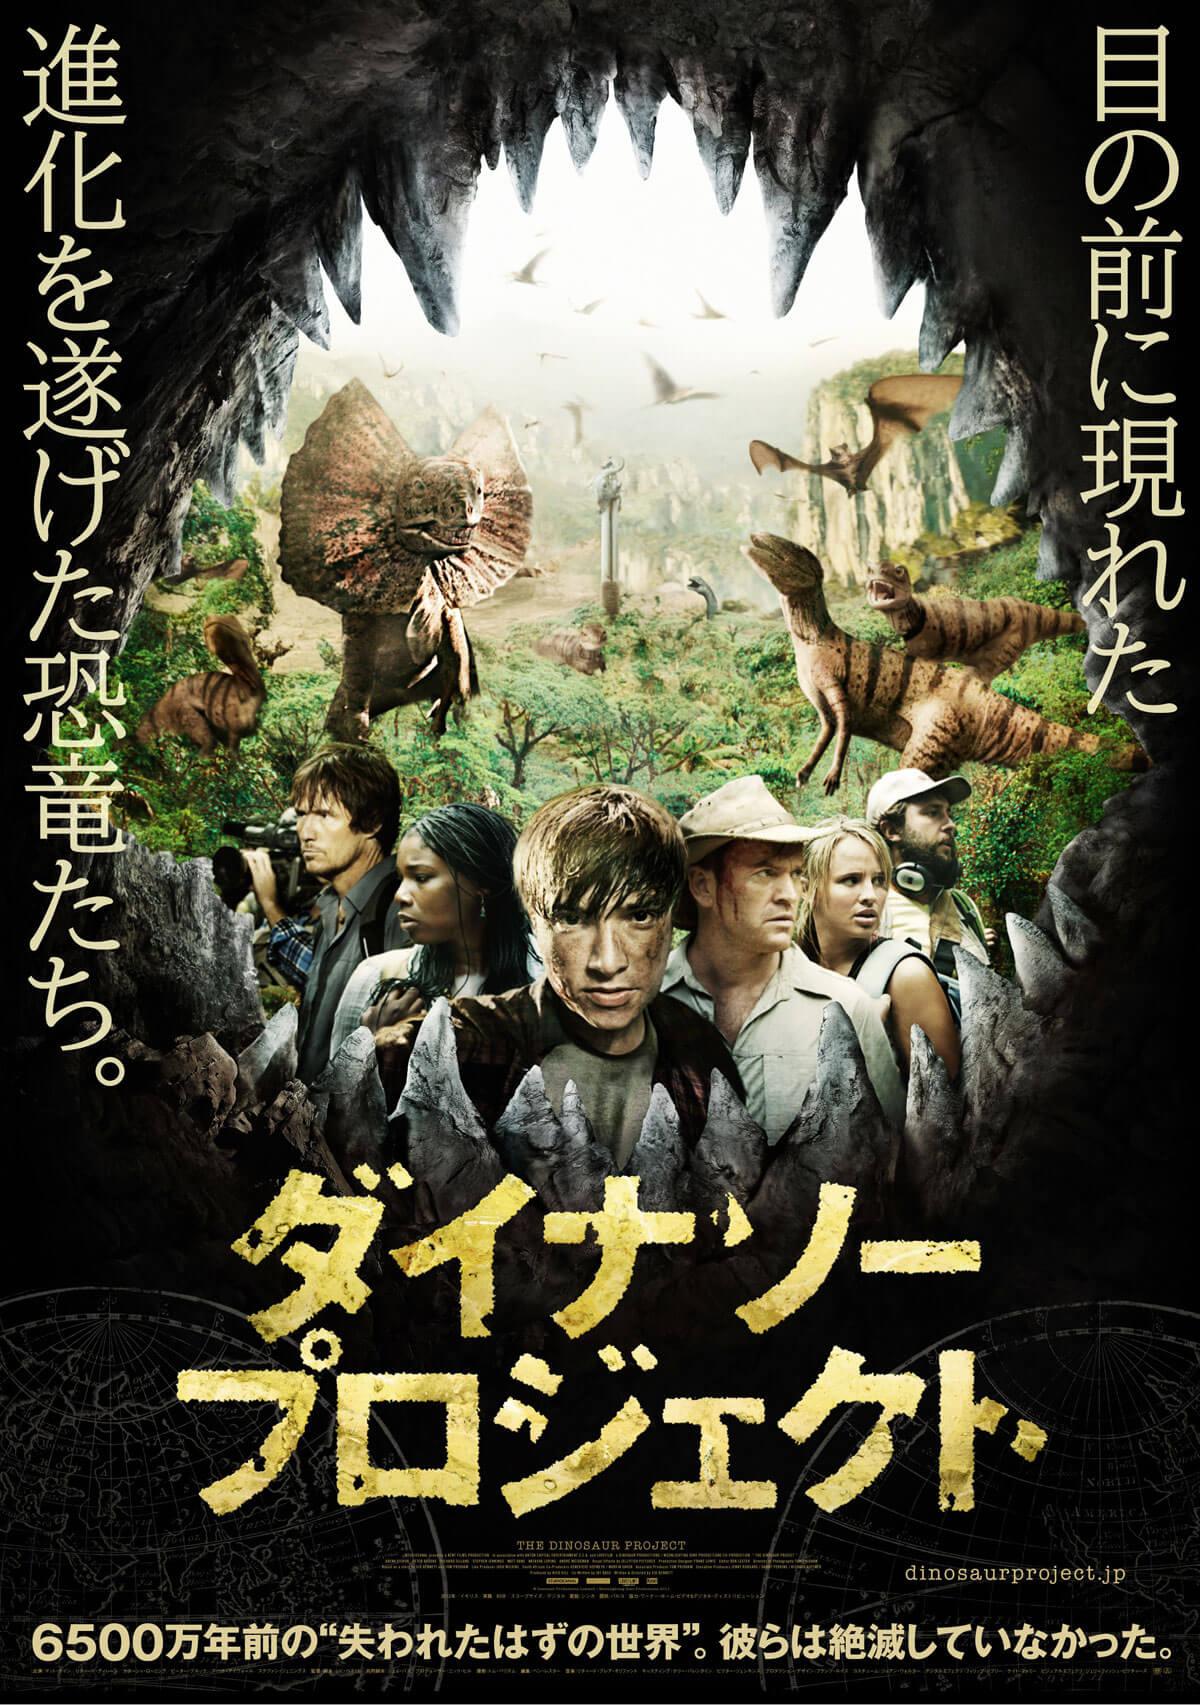 ダイナソー・プロジェクト/The Dinosaur Project